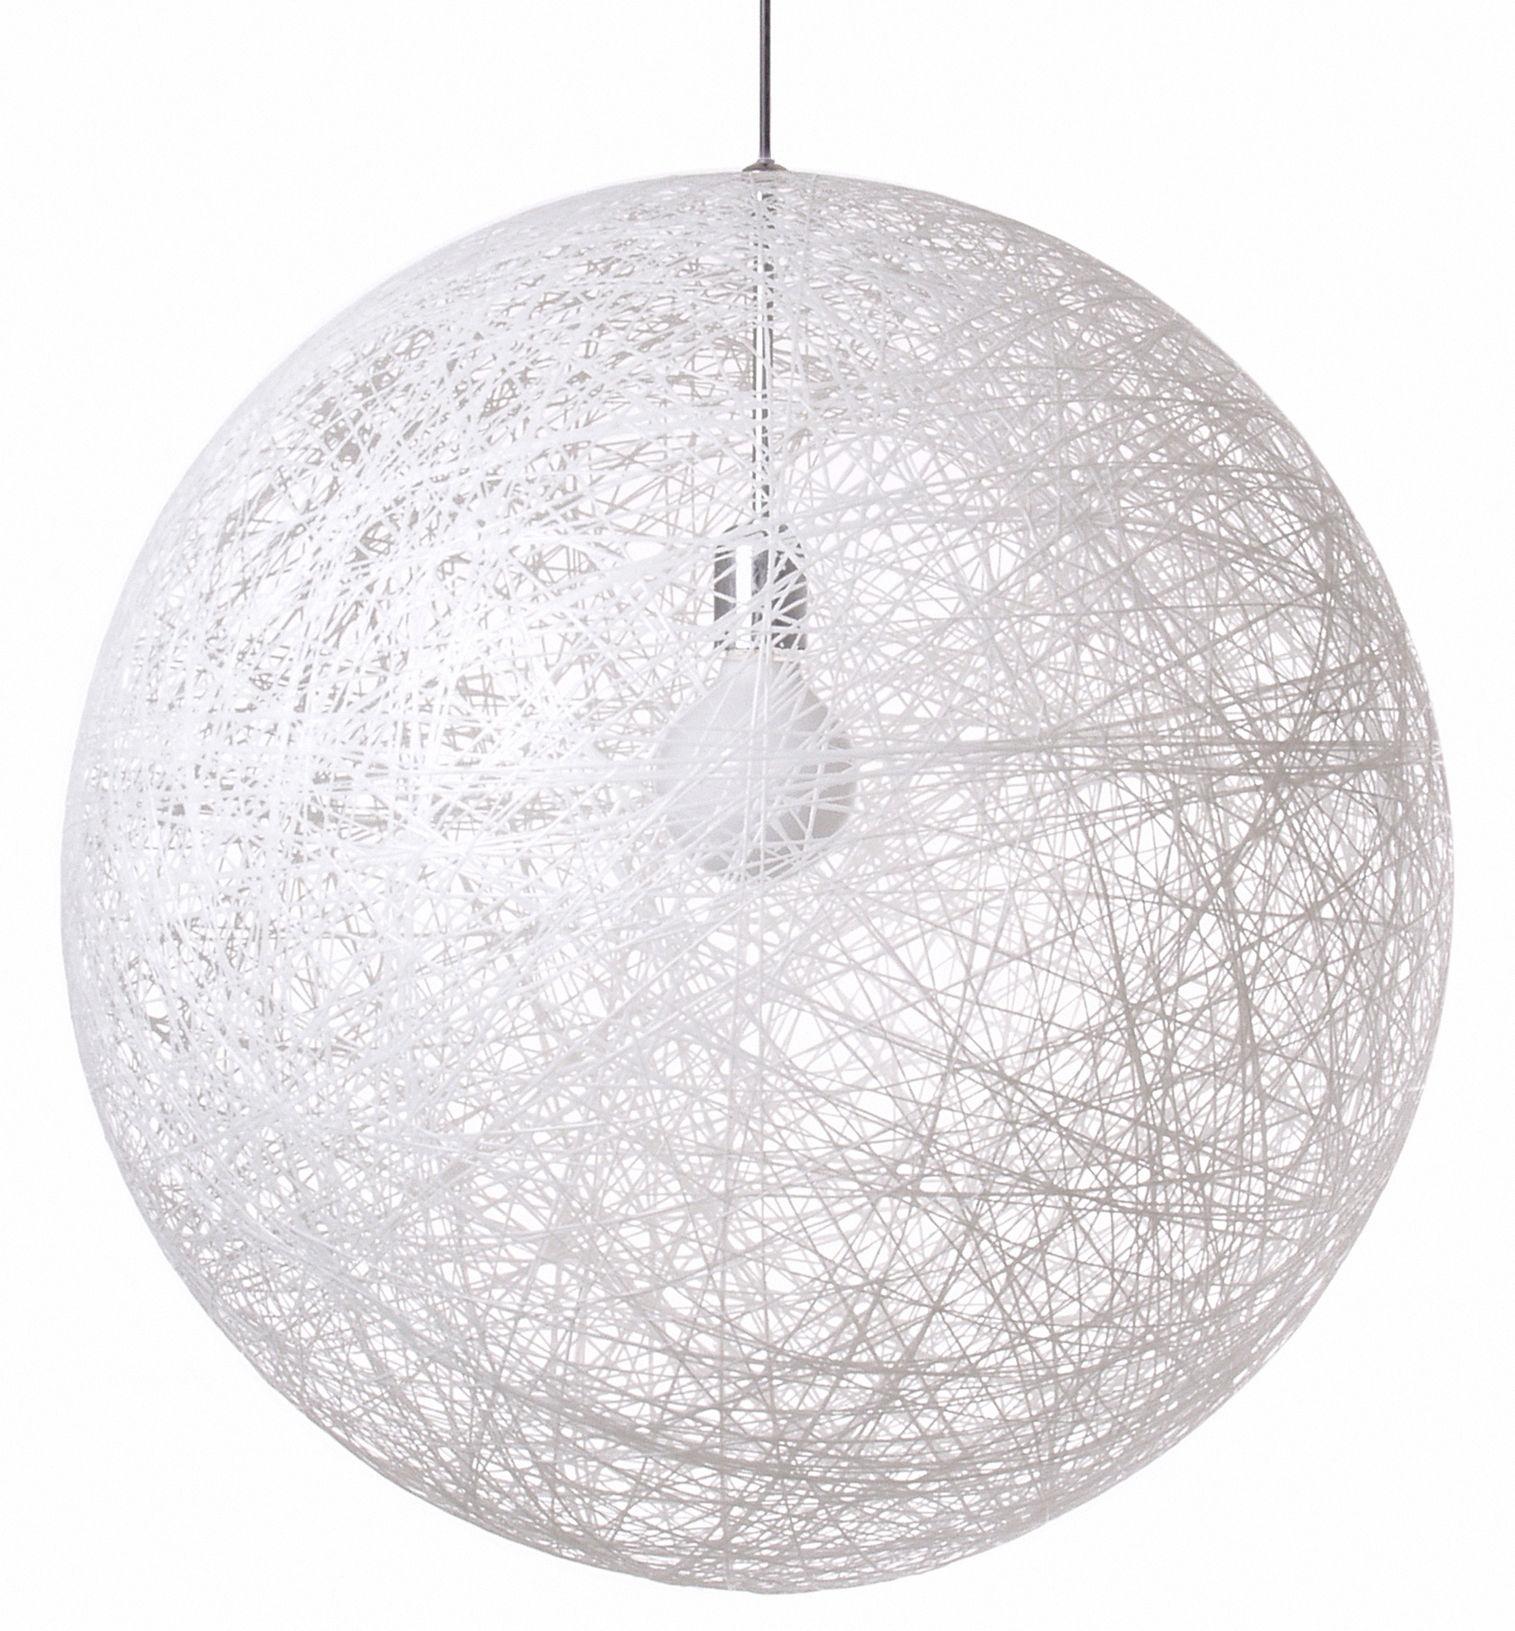 Lighting - Pendant Lighting - Random Light Pendant by Moooi - White - Fibreglass